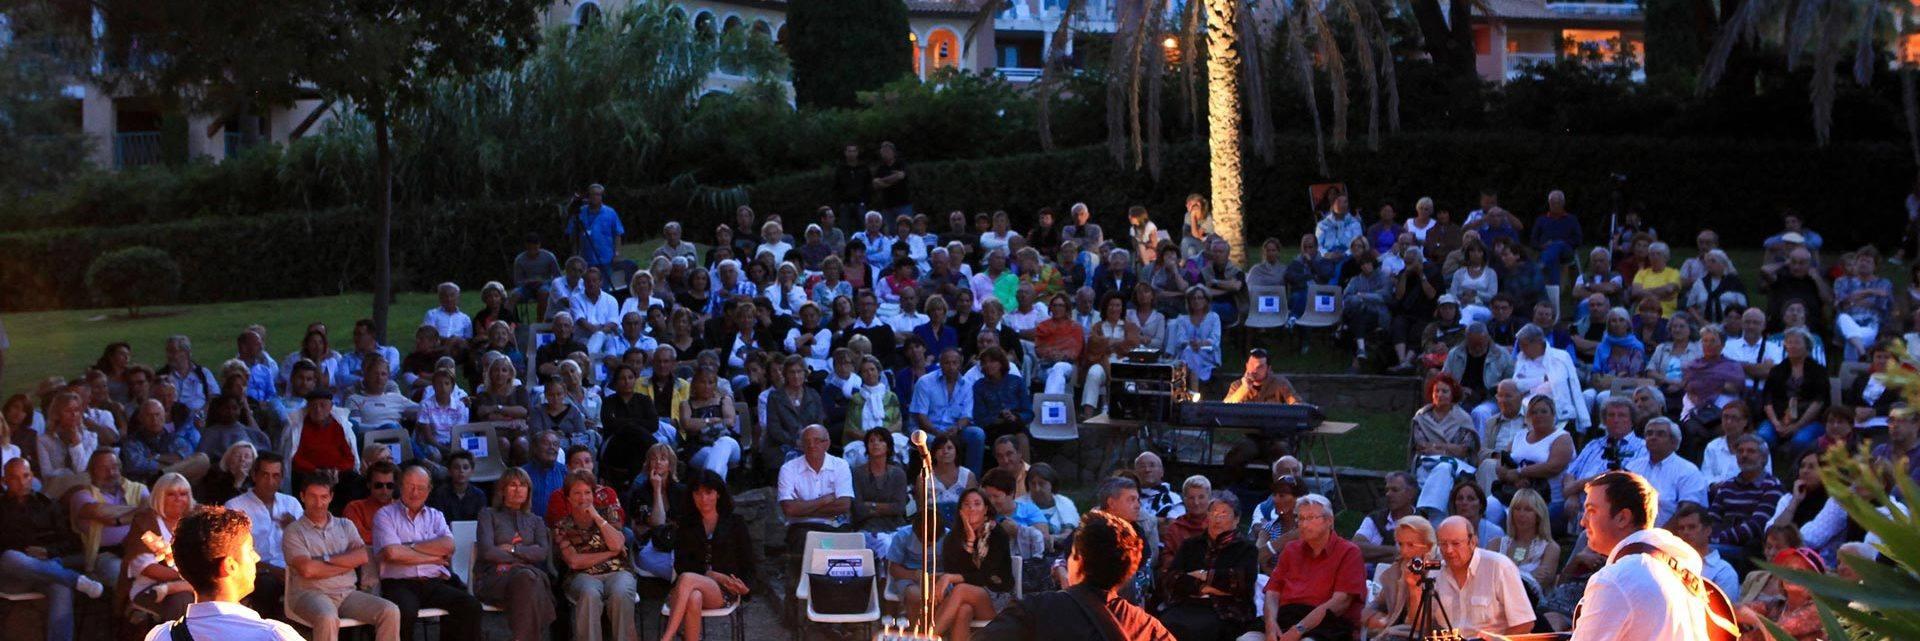 Jazz Festival in Issambres